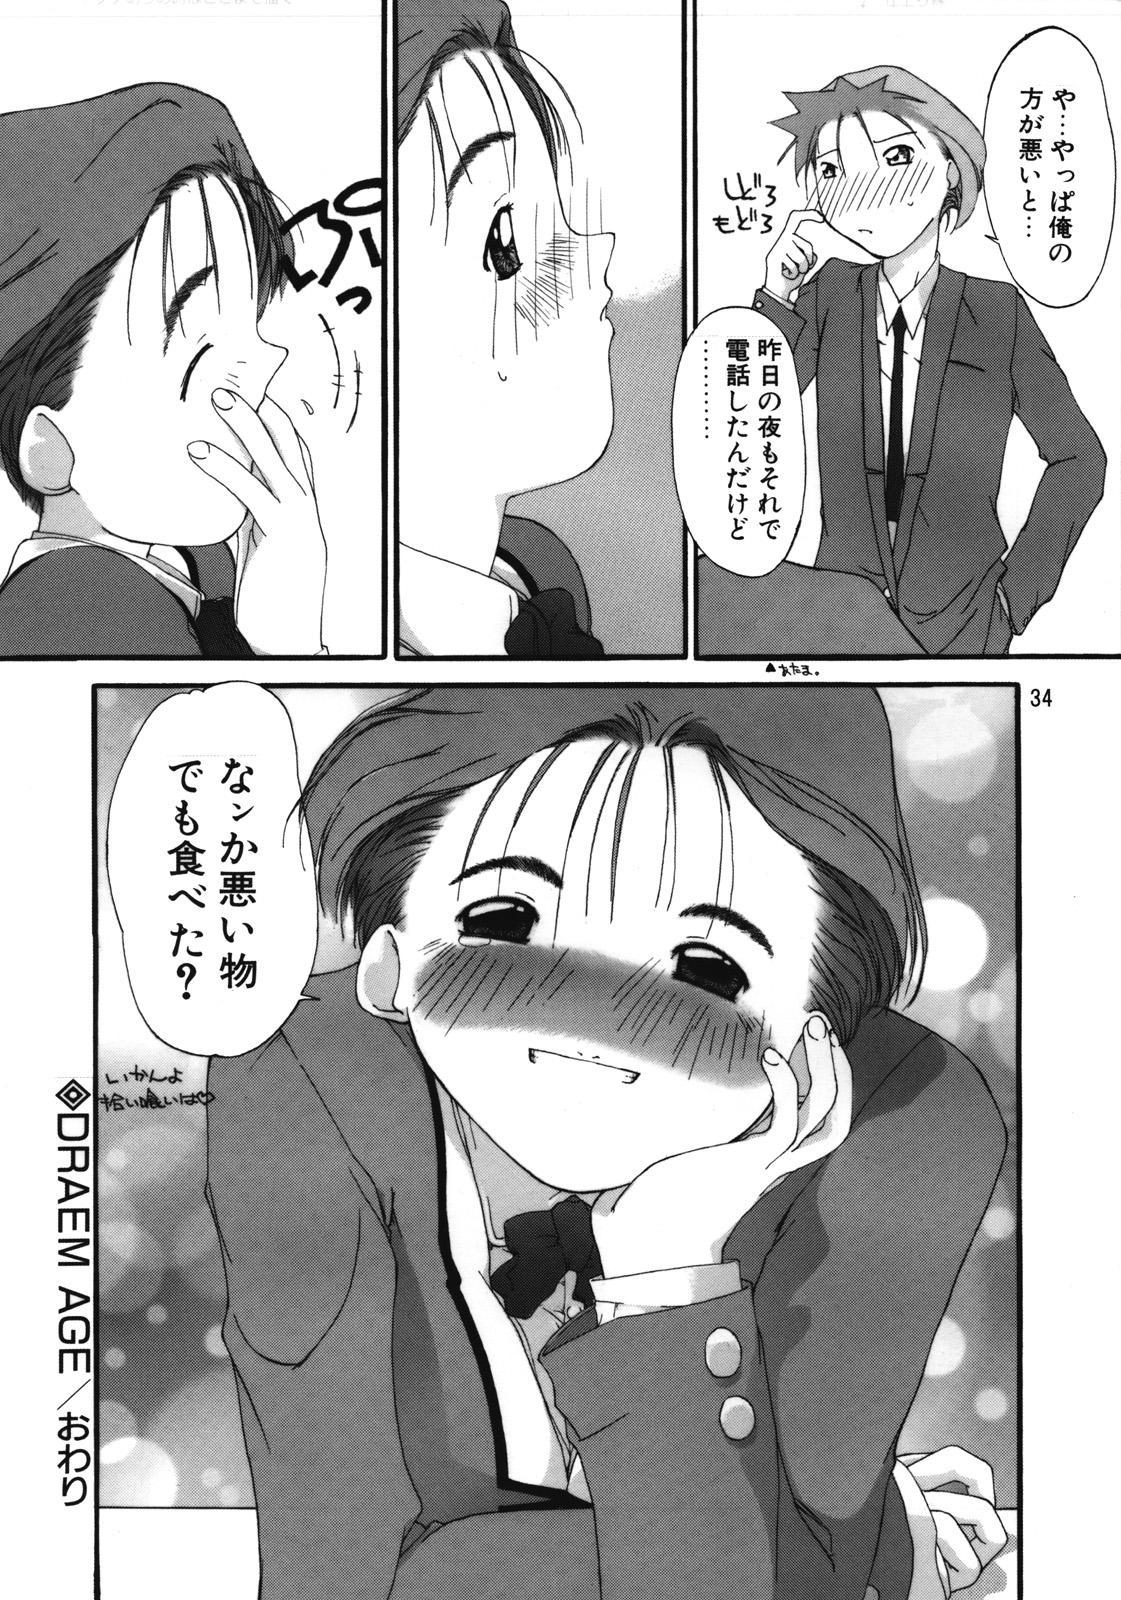 Tanpatsu Yuugi 3 34